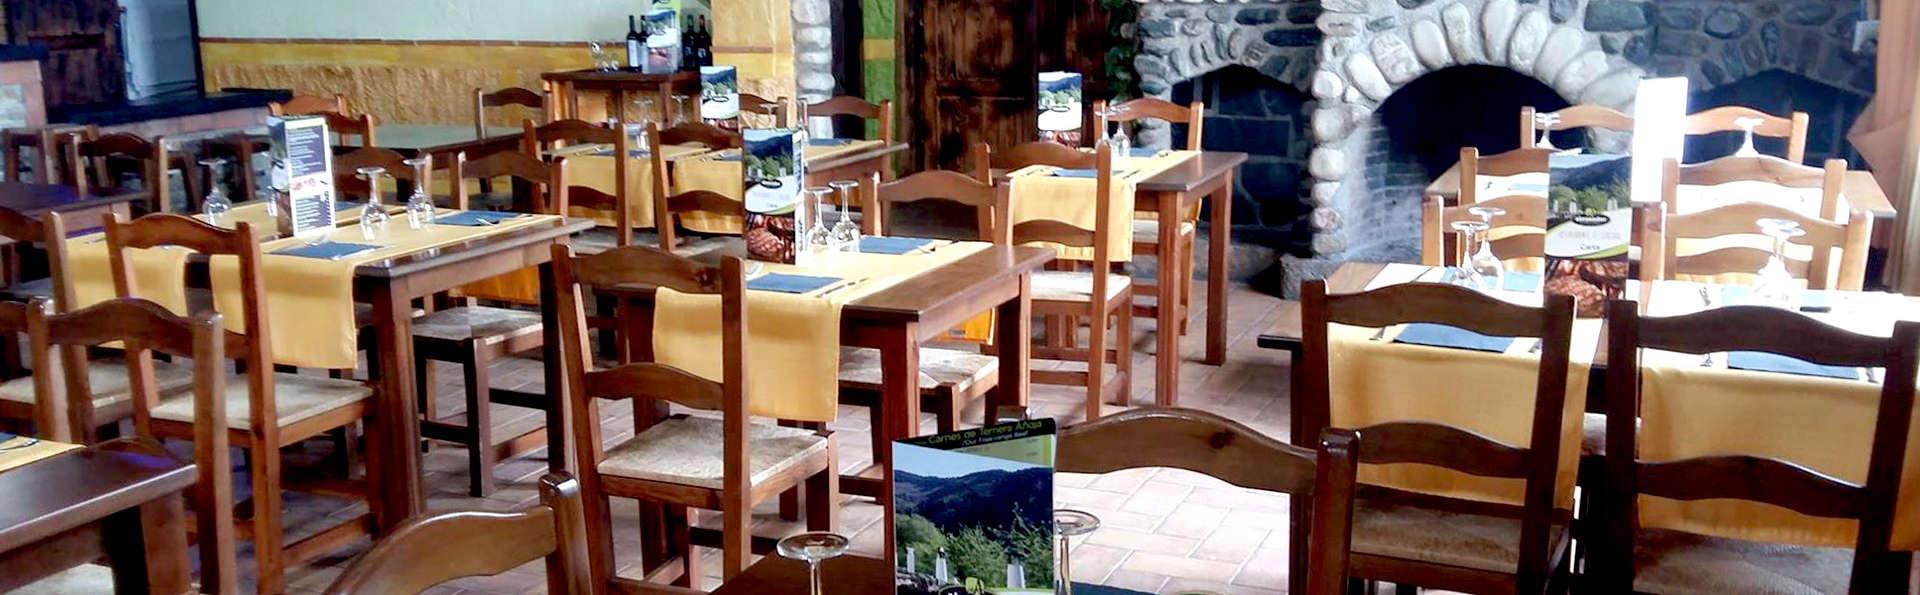 Rural&Spa: Noche romántica con cena en un lugar de ensueño en Bérchules (desde 2 noches)